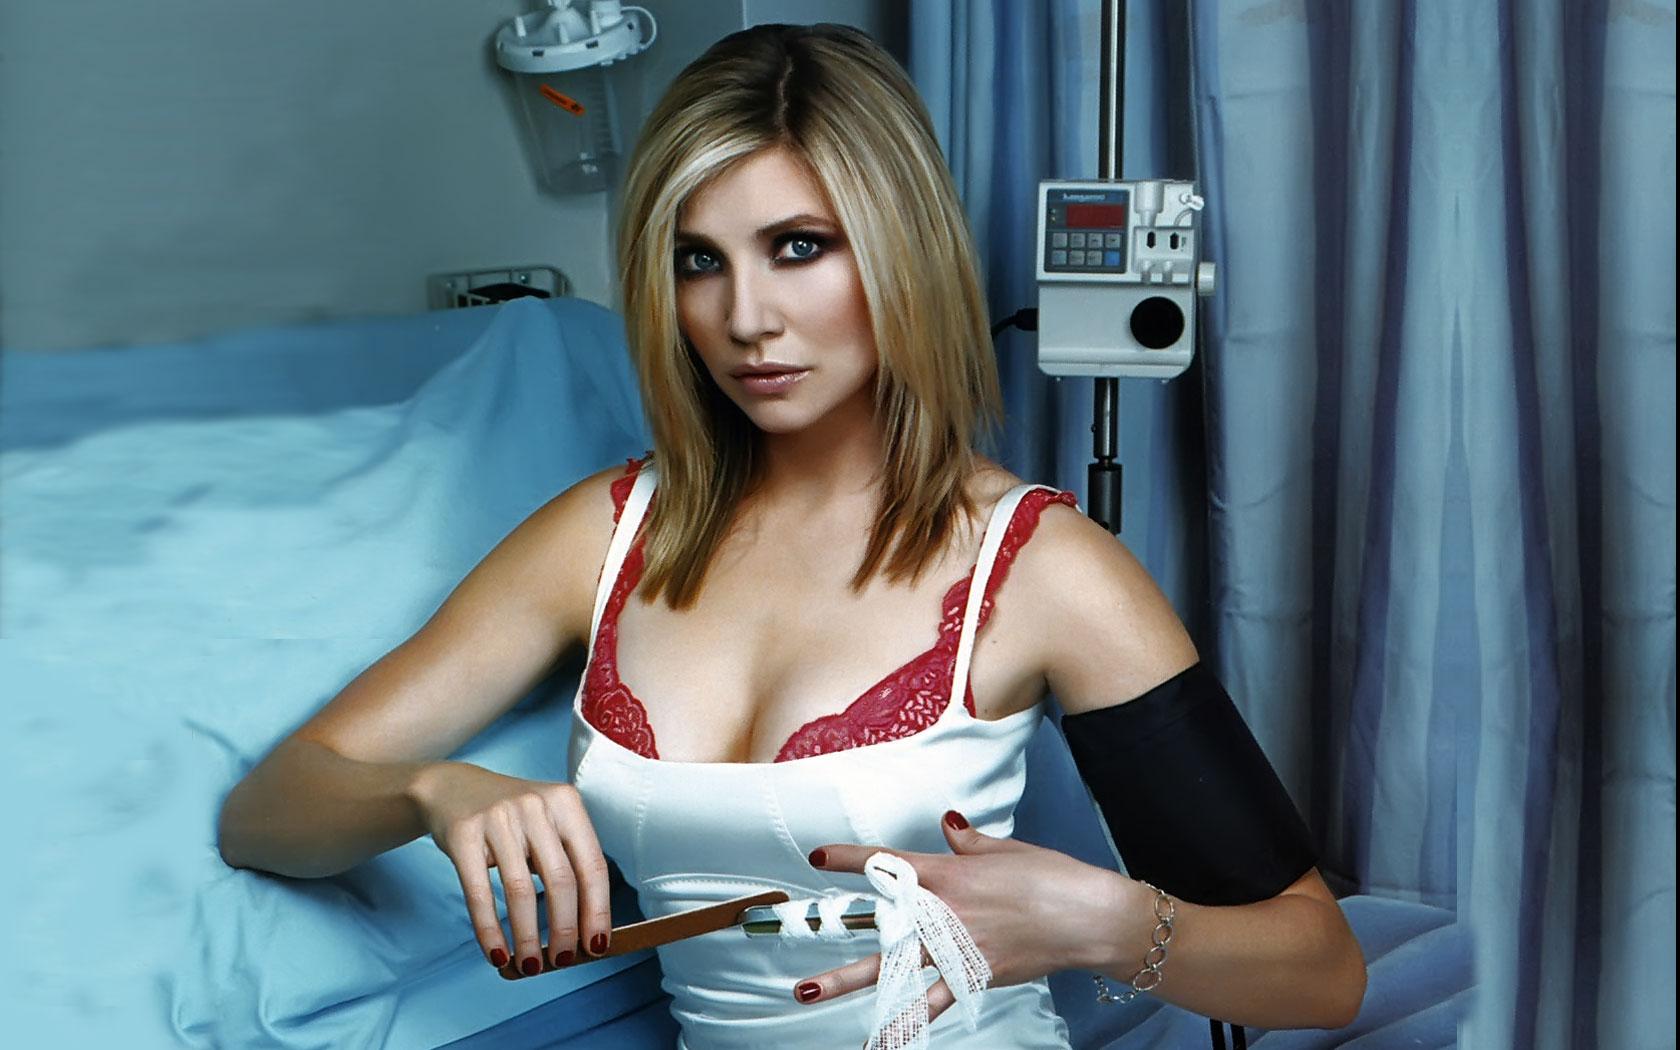 Hot Sexy Nurse Scrubs